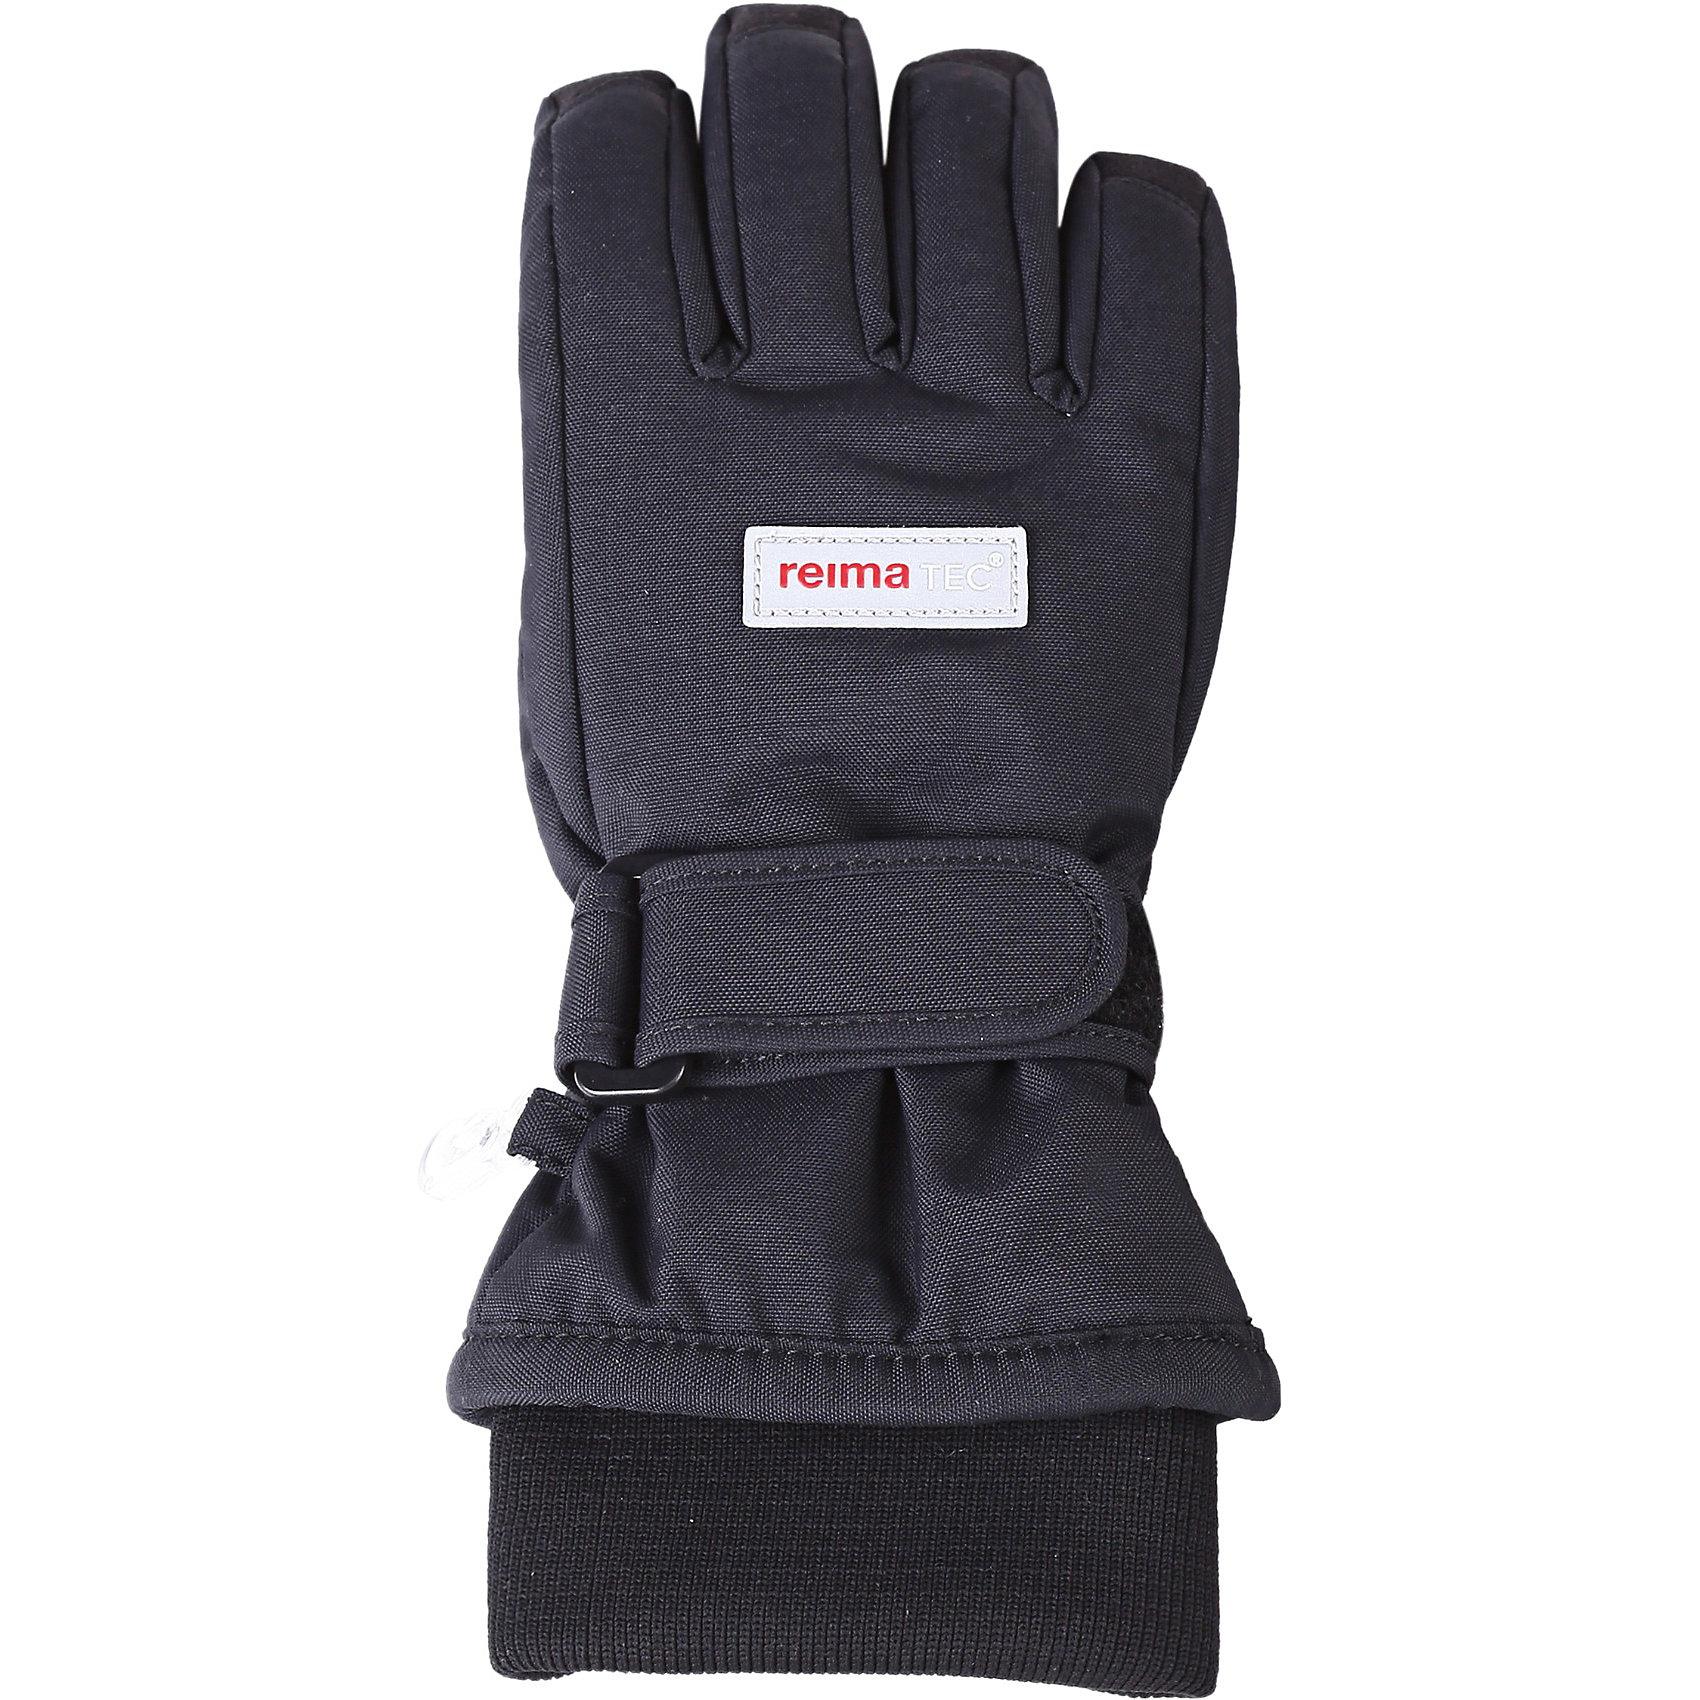 Перчатки для мальчика Reimatec® ReimaПерчатки и варежки<br>Перчатки от популярной финской марки Reima.<br>*Детские зимние перчатки Reimatec<br>*Водонепроницаемая вставка Hipora<br>*Теплая 100% Флисовая подкладка и 170 г утеплителя<br>*Дополнительные усилительные вставки на ладони, большом пальце и верхушке перчатки<br>*Быстро сохнут<br>Состав:<br>100% Полиамид, Полиуретан-покрытие<br><br>Ширина мм: 162<br>Глубина мм: 171<br>Высота мм: 55<br>Вес г: 119<br>Цвет: черный<br>Возраст от месяцев: 96<br>Возраст до месяцев: 120<br>Пол: Мужской<br>Возраст: Детский<br>Размер: 6,7,5,8,3,4<br>SKU: 3748416